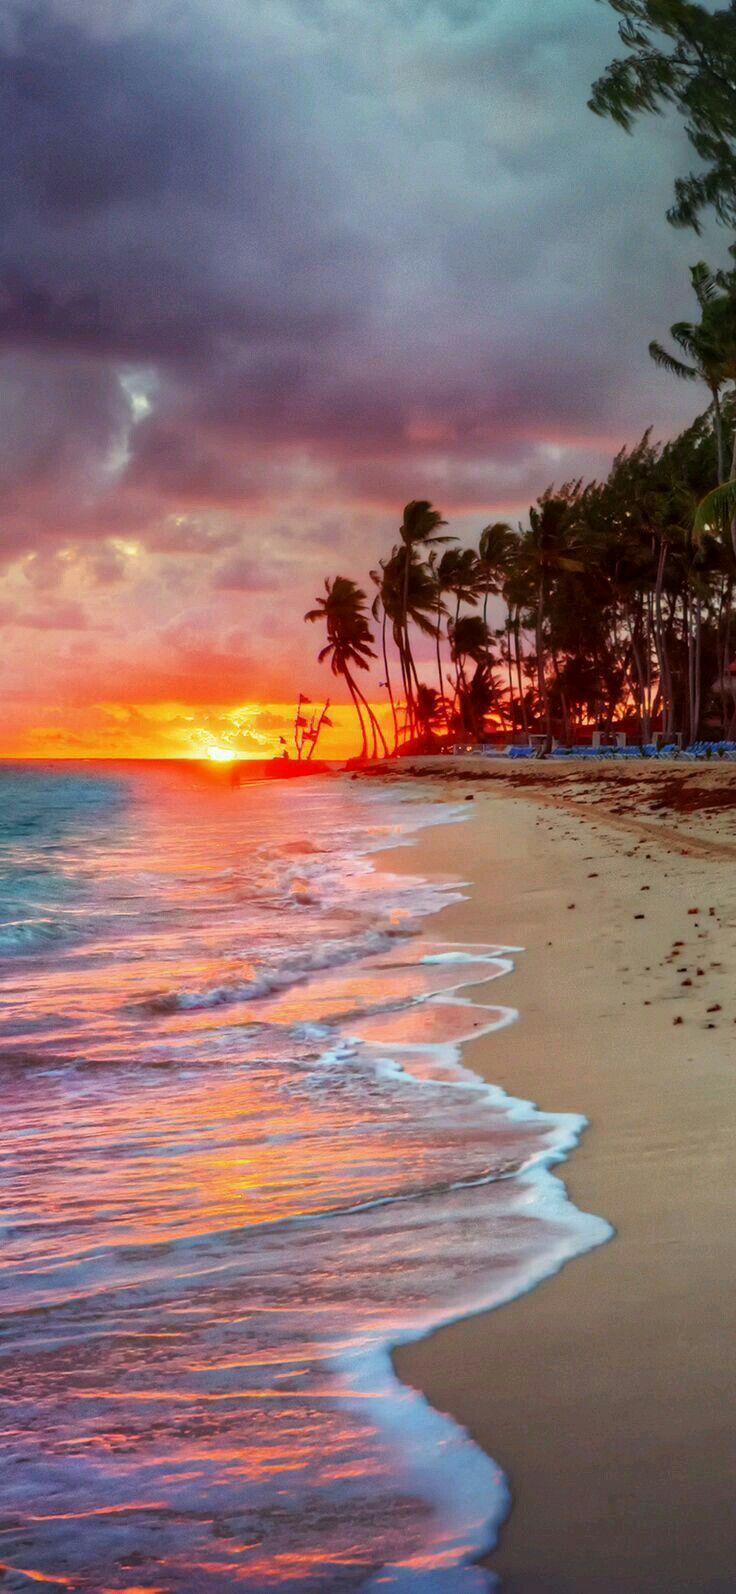 şu Uçsuz Bucaksız Kumsallarda Seninle El Ele Tutuşup Yürümek